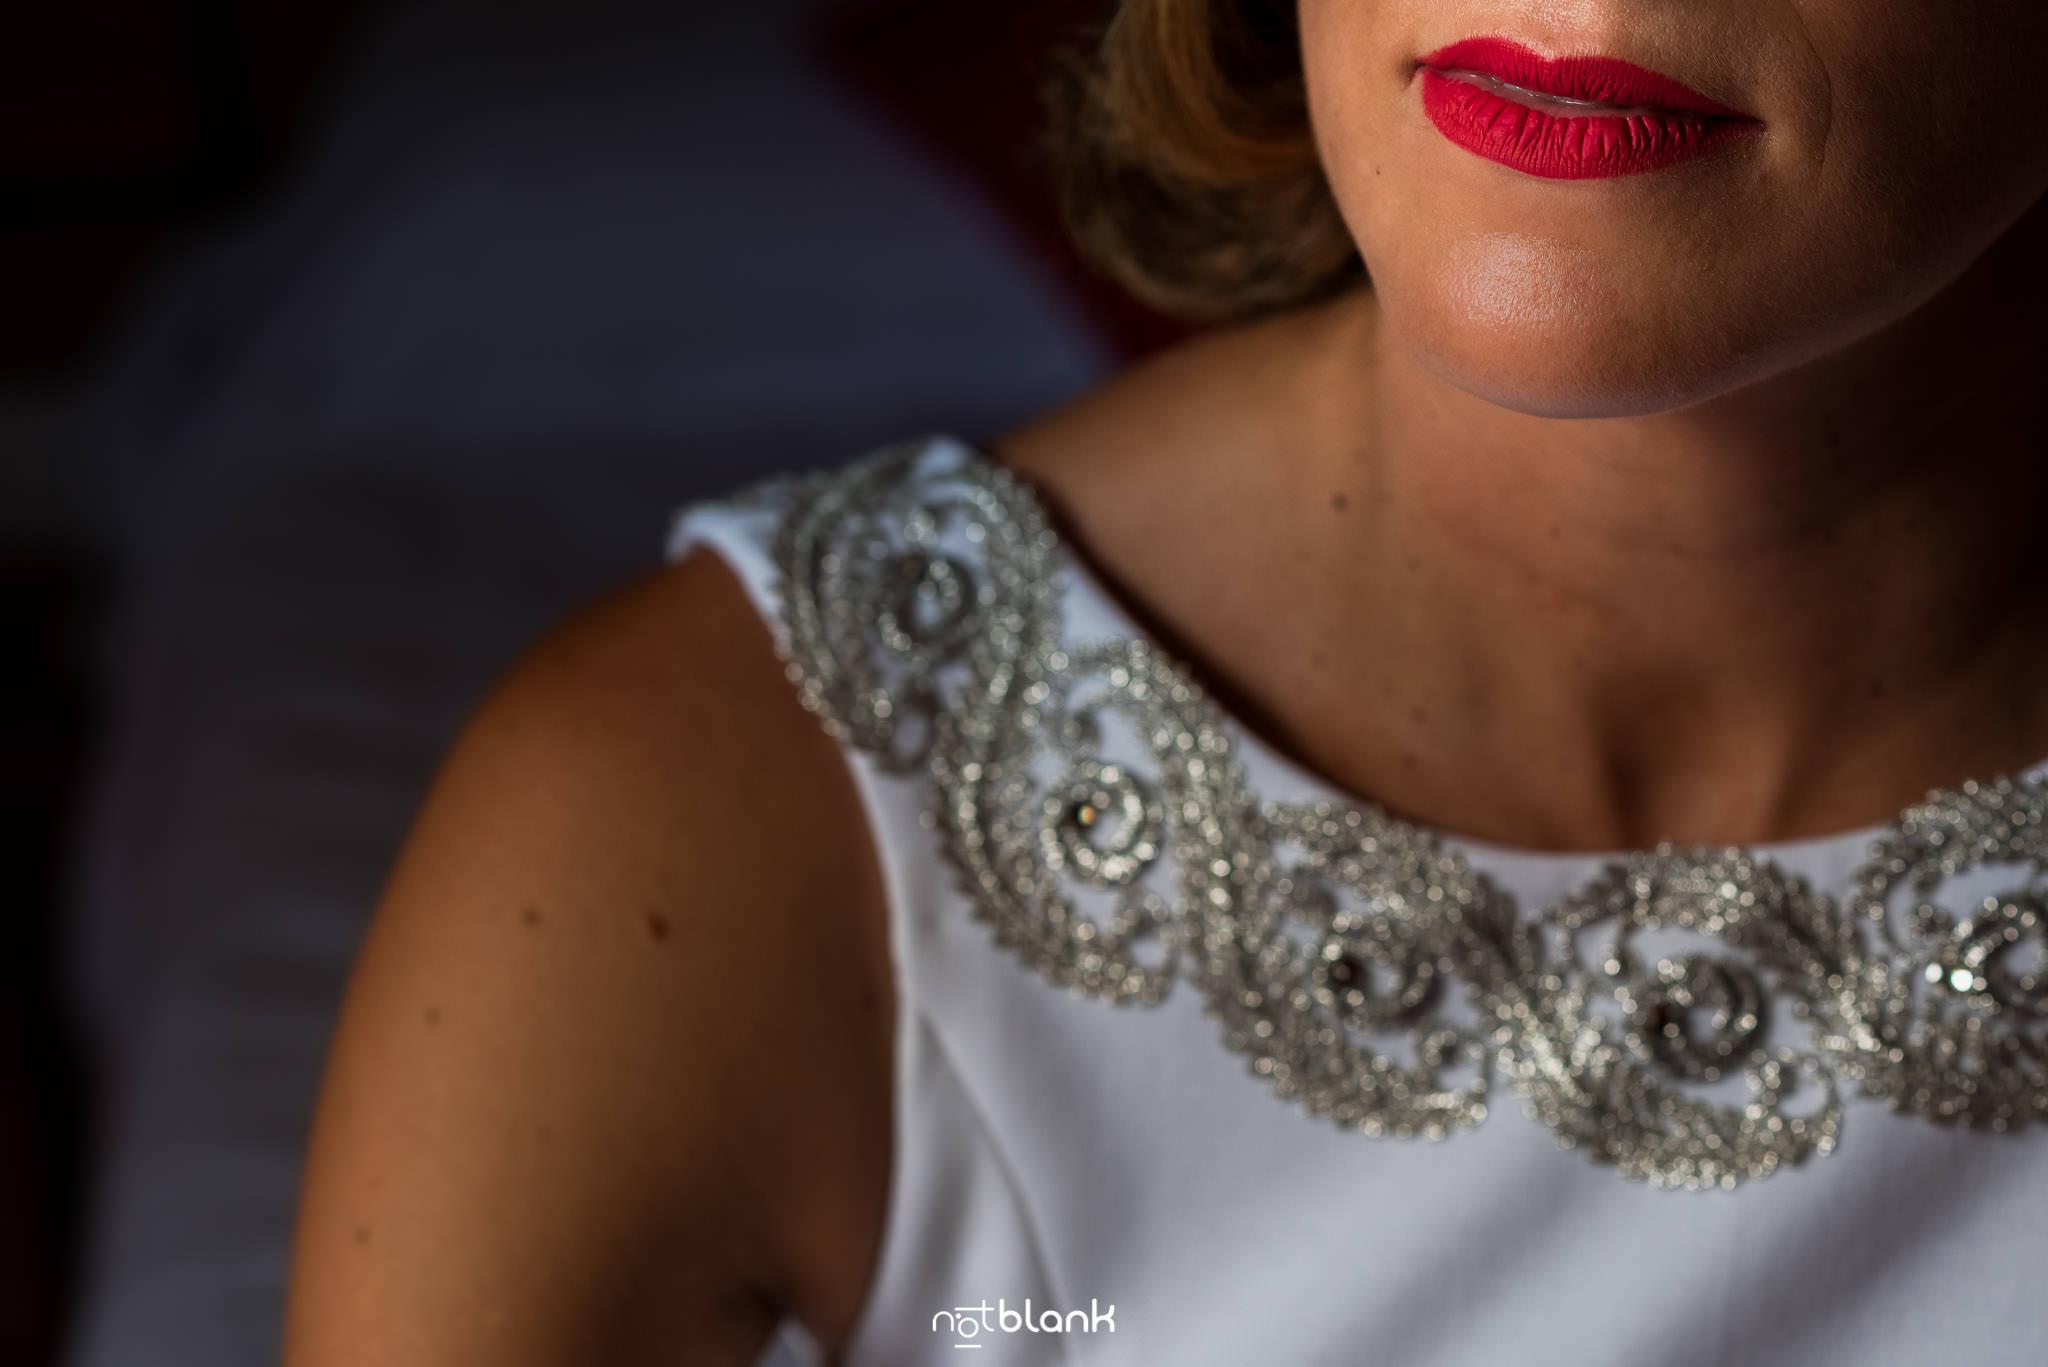 Boda En El Jardin De Casa Jana y Fran - Retrato de los labios la novia - Notblank Fotografos de boda